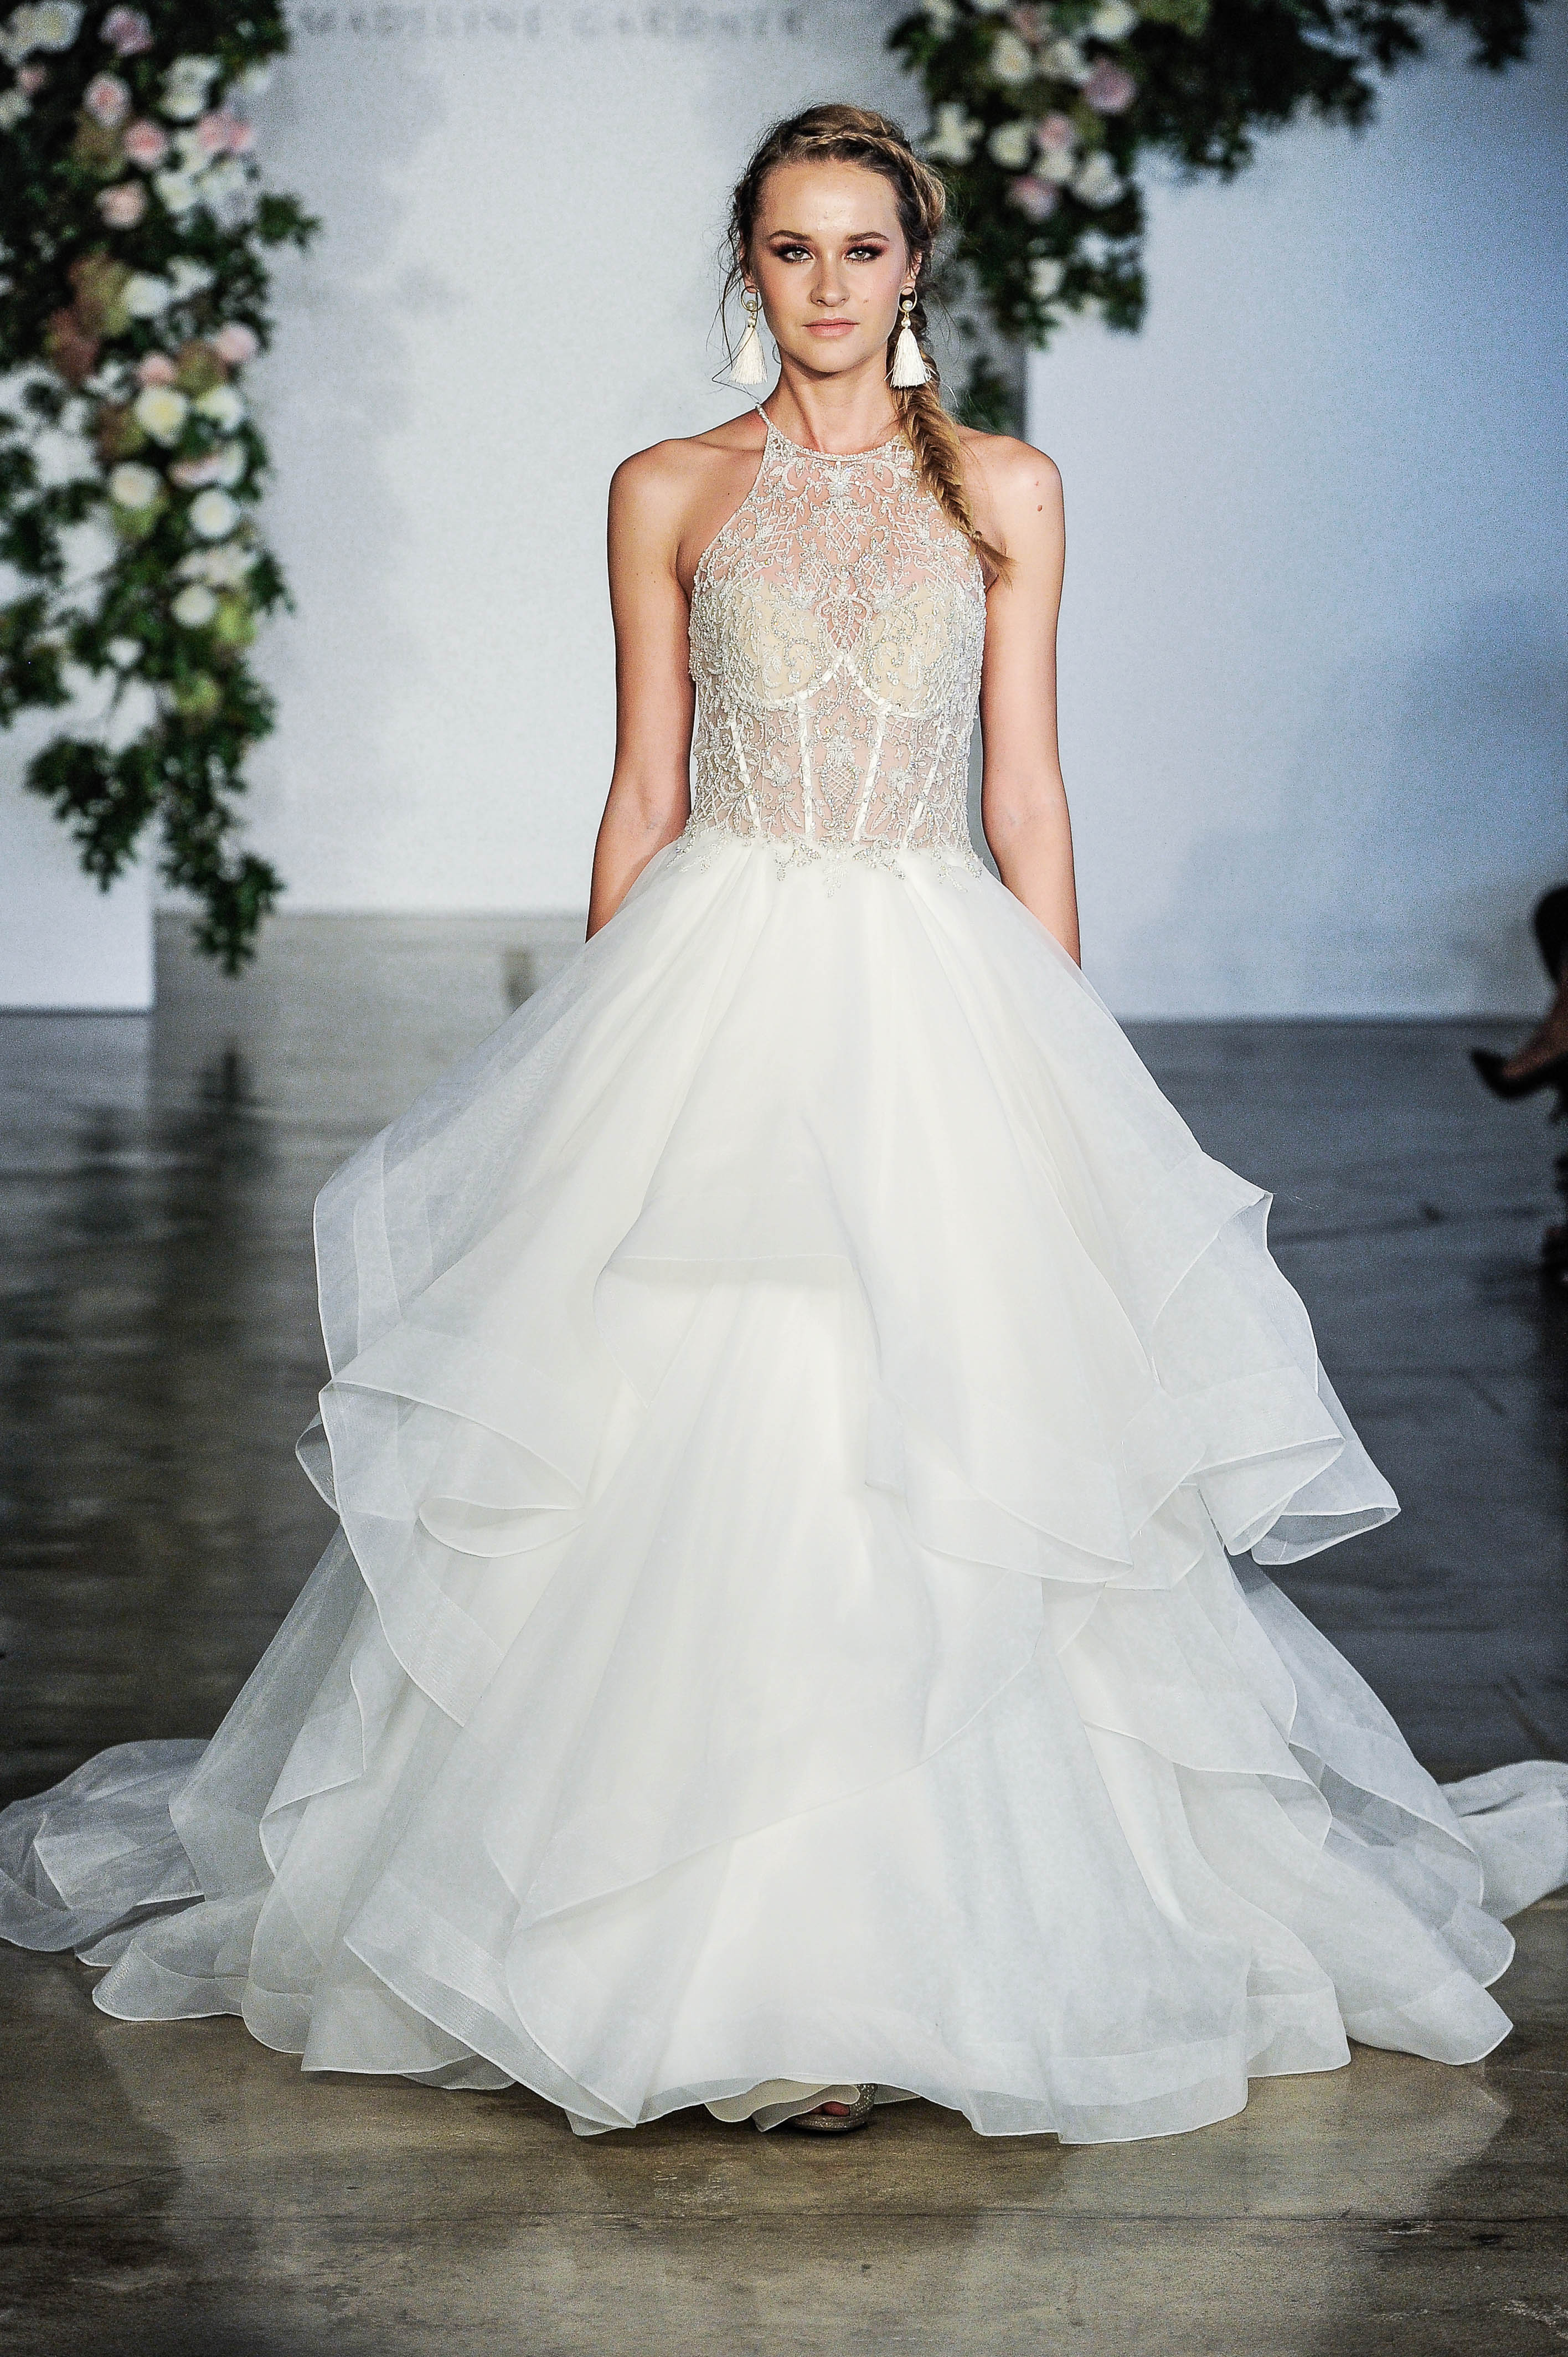 Morilee V-Neck Sheer Top Layered Skirt Wedding Dress Fall 2018